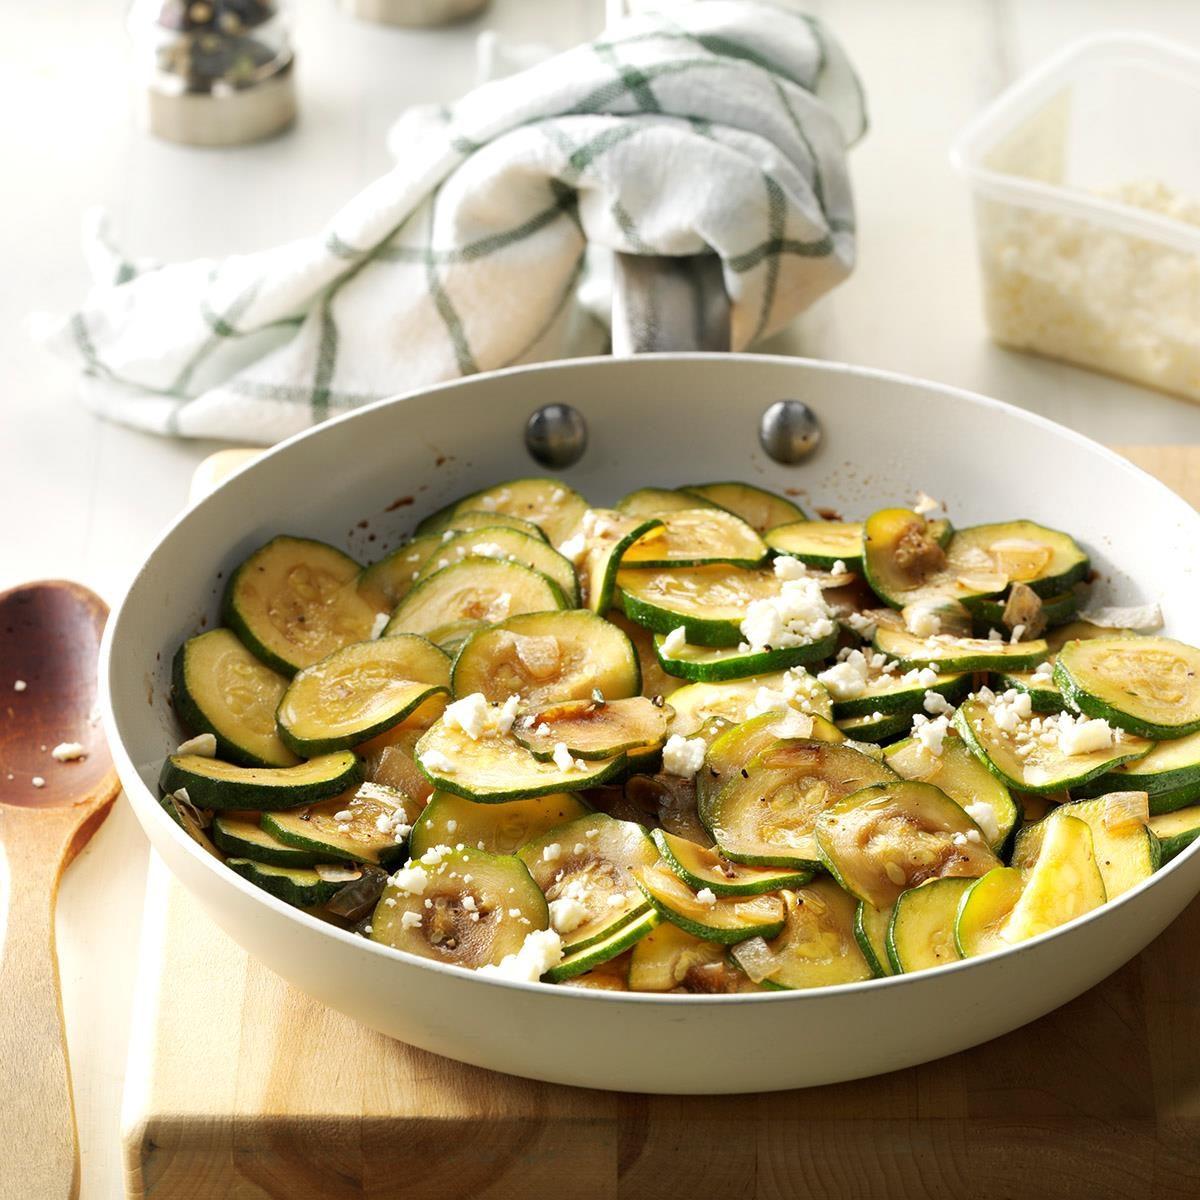 Balsamic Zucchini Saute